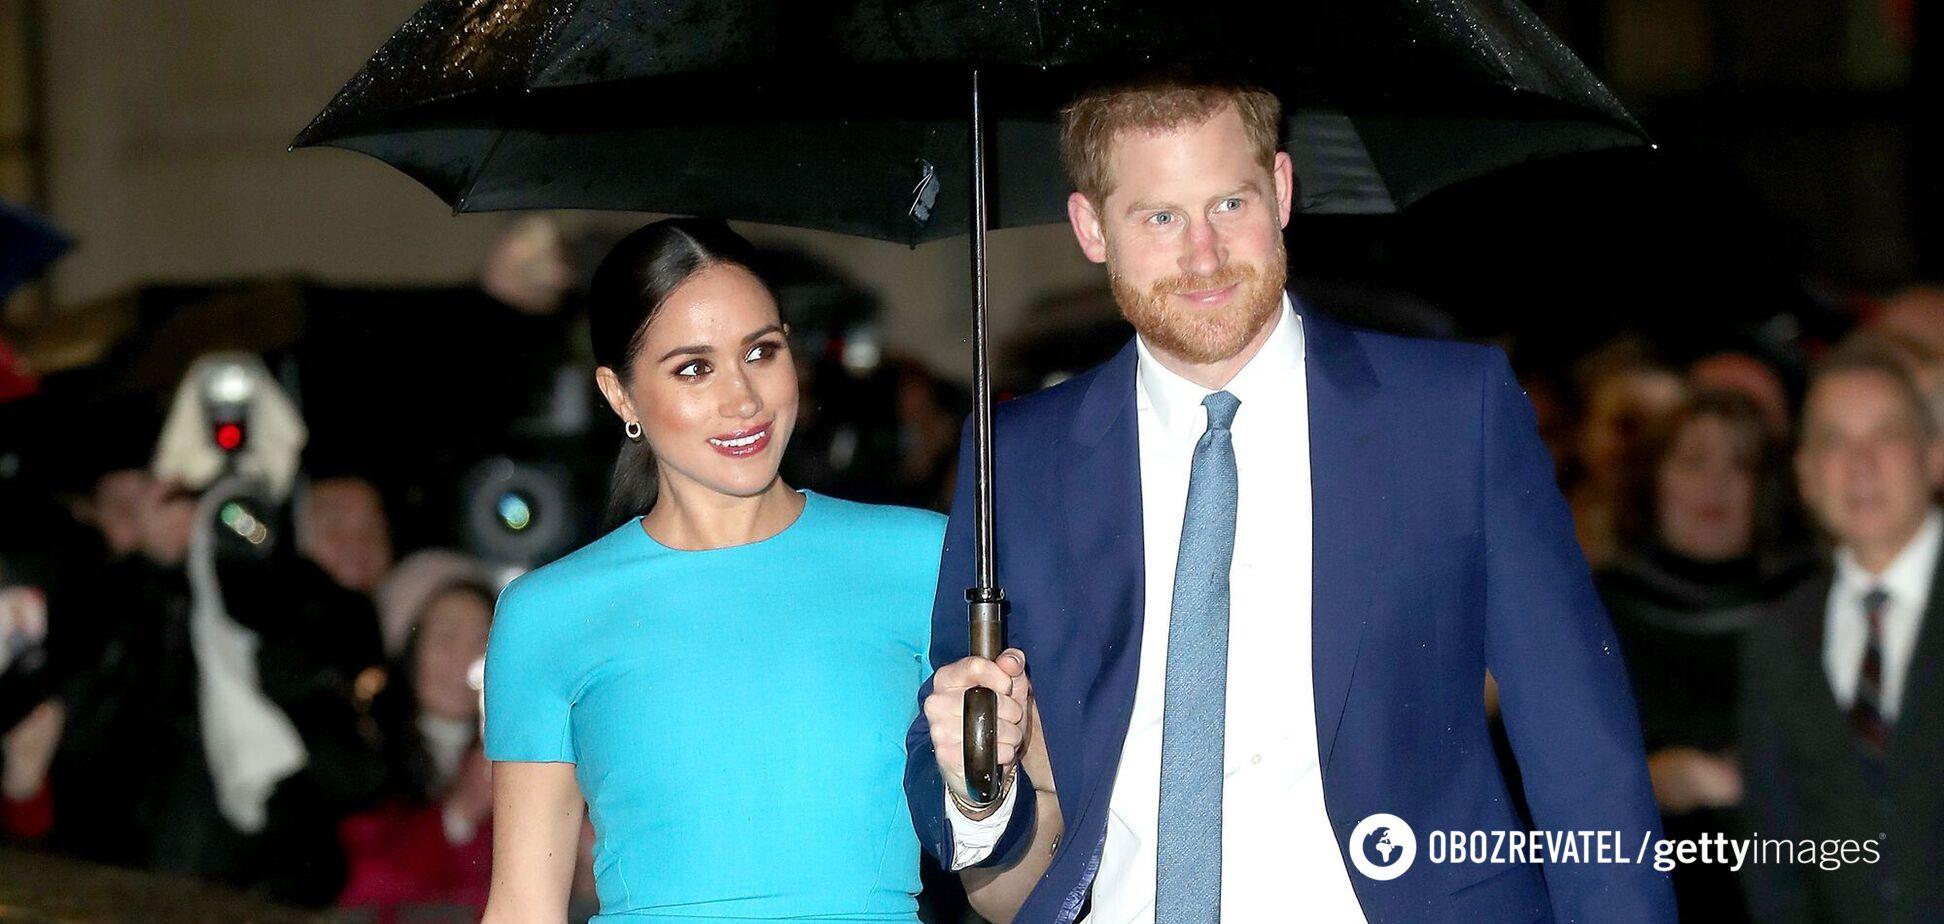 Стало известно, покажут ли интервью Маркл и принца Гарри из-за операции мужа Елизаветы II Филиппа